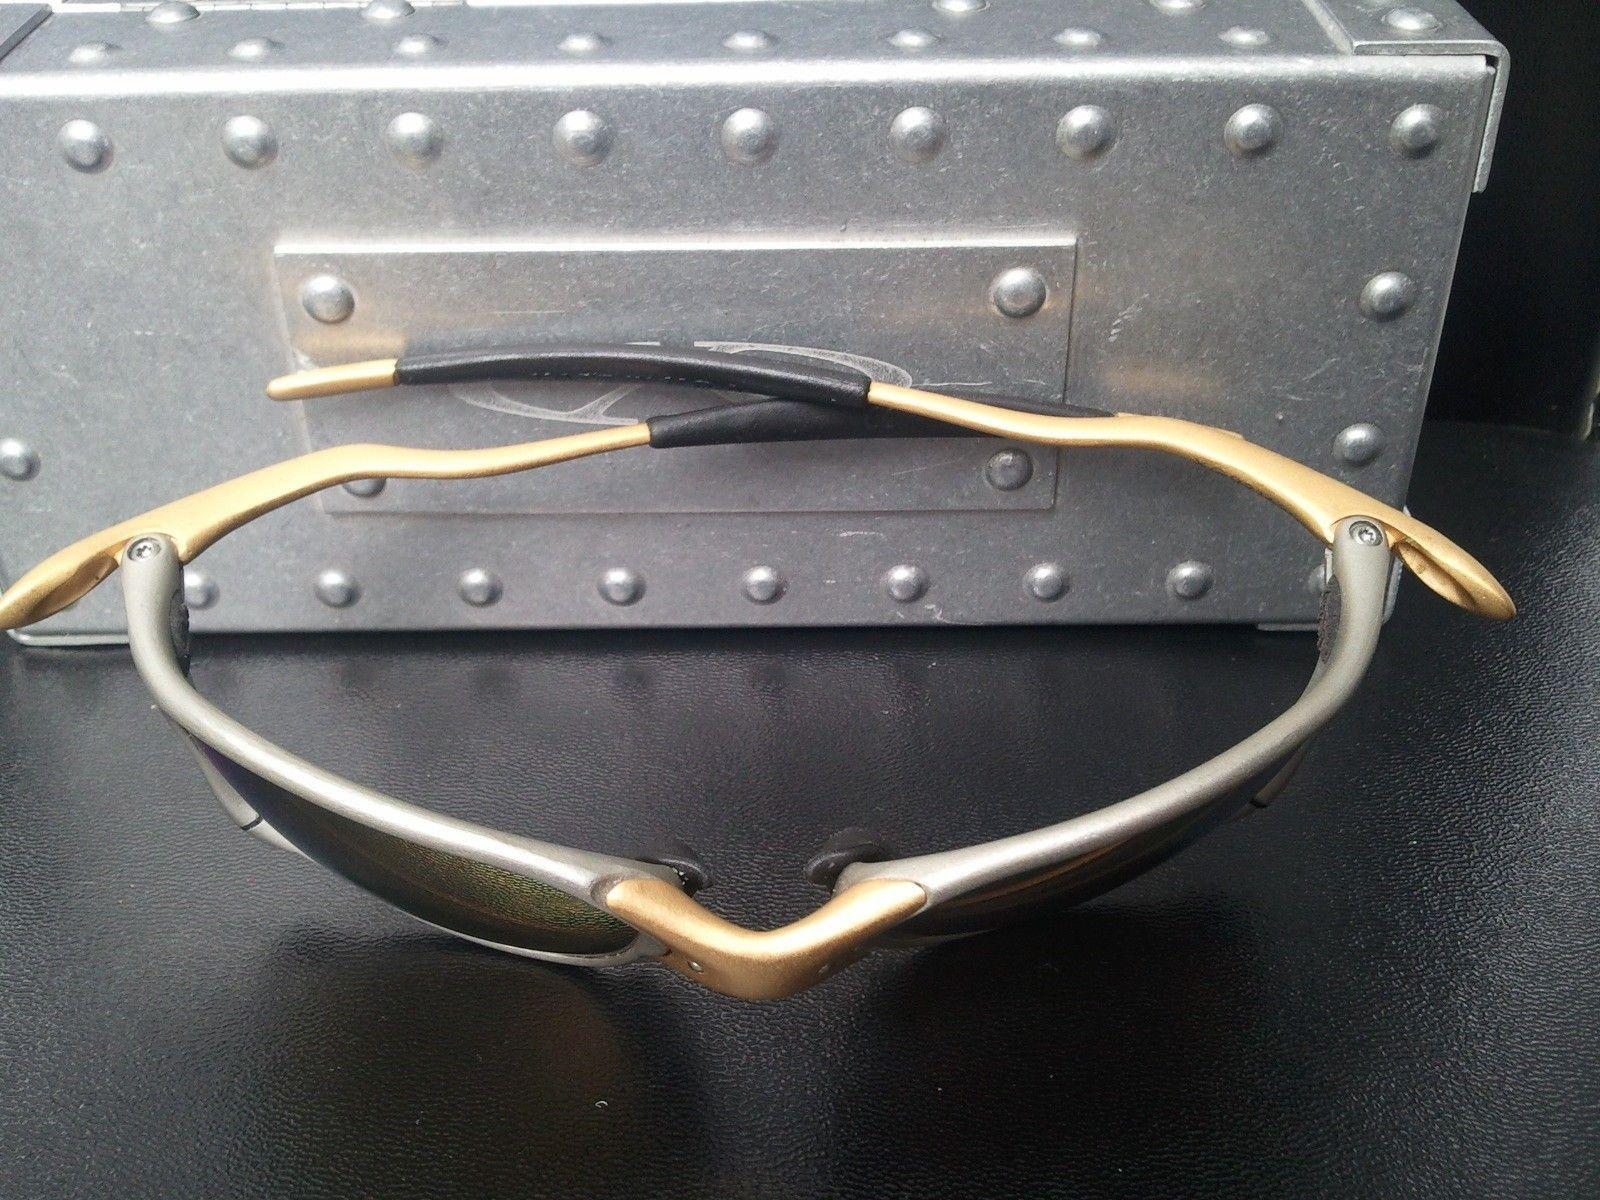 Oakley Forum 10,000 Member Giveaway - Oakley_XMetal_XX_24K_Sunglasses_6.JPG